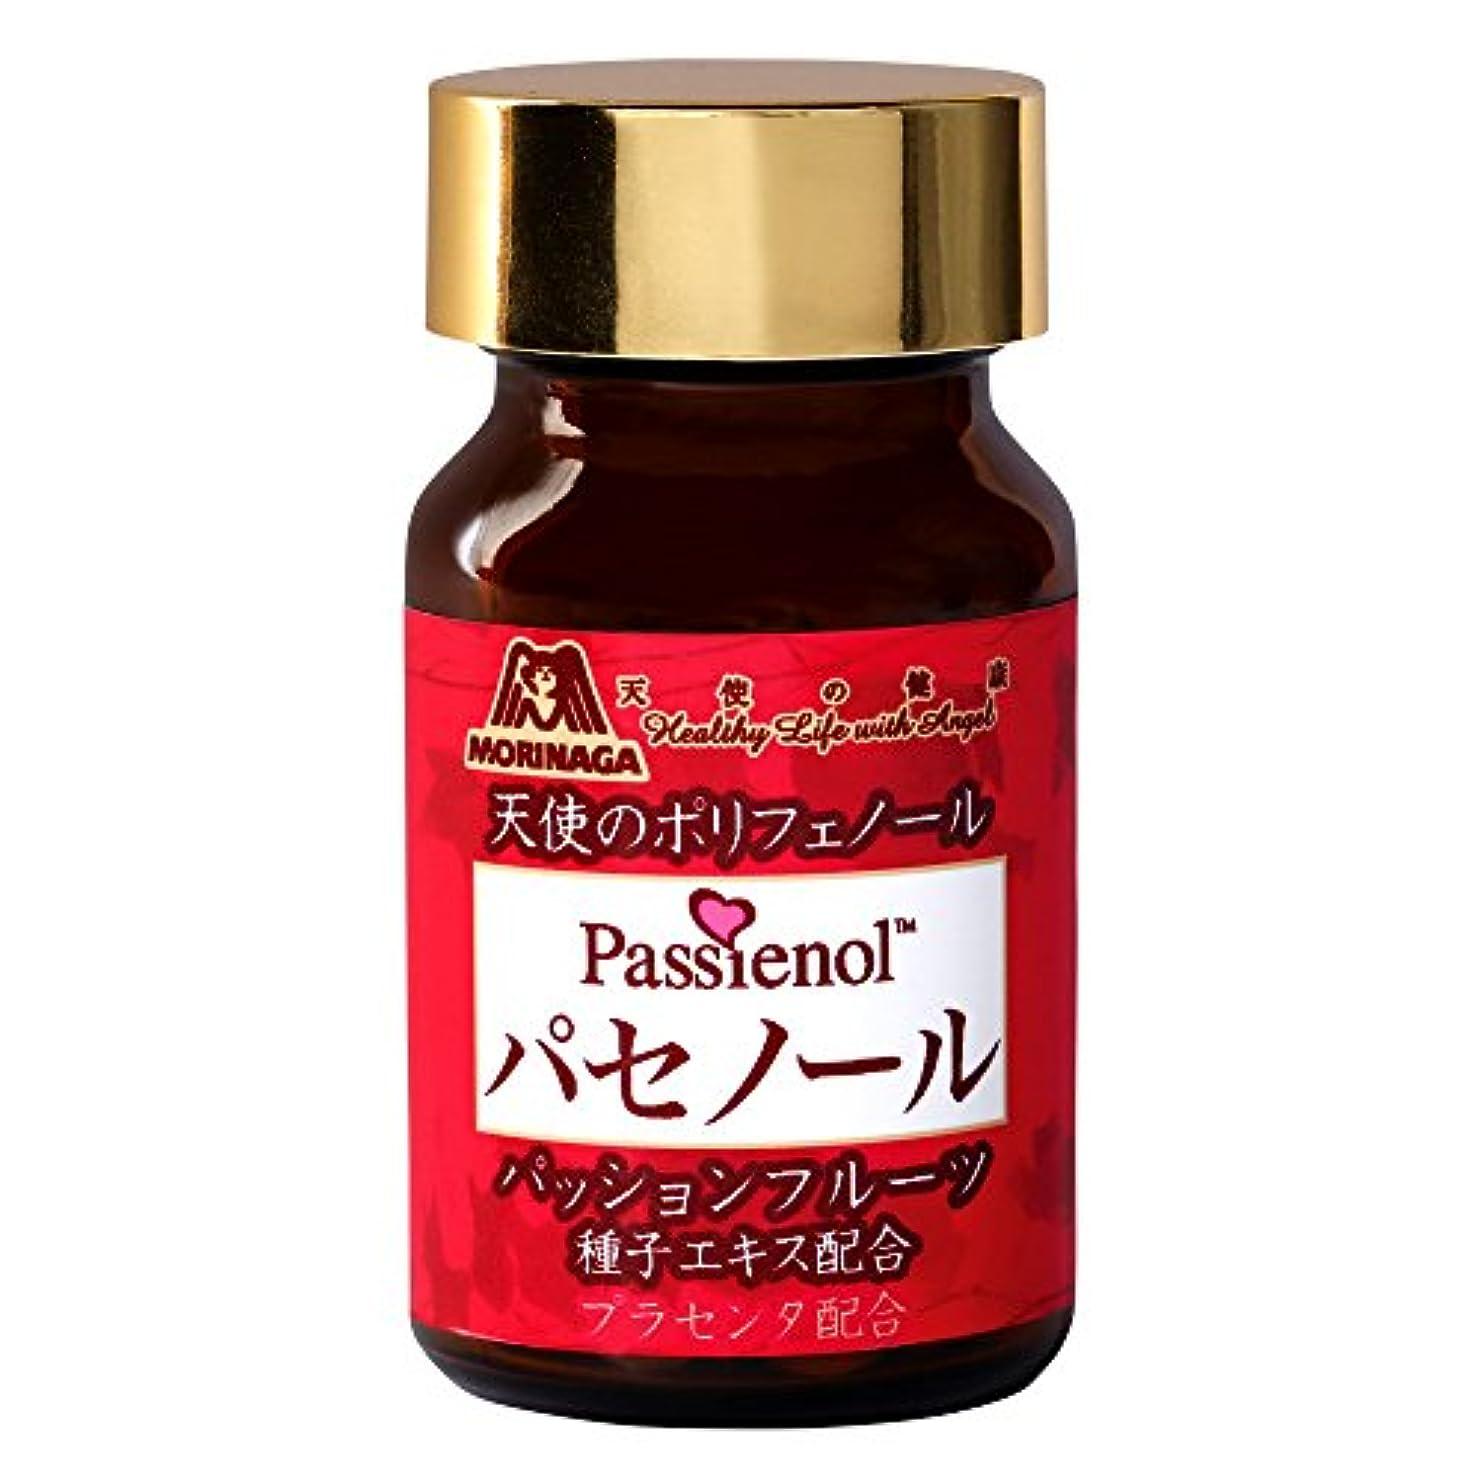 容量種をまく出発森永製菓 パセノール(粒) 1本 120粒 約30日分